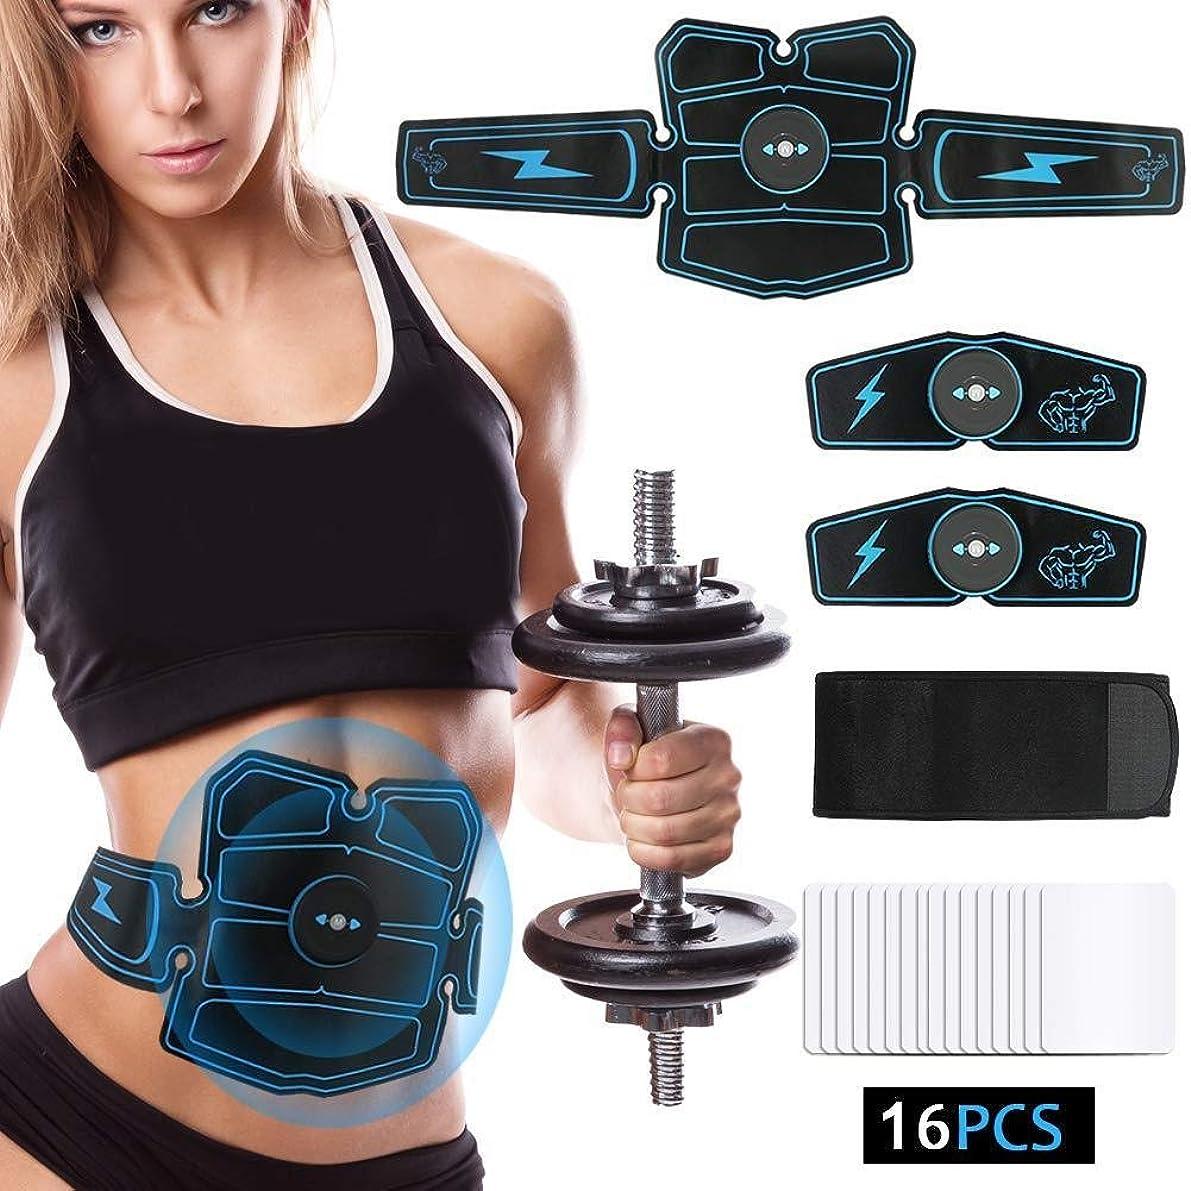 引き出し戦い説明的腹部の筋肉マッサージ、スマートフィットネス機器、エクササイズトレーナー、腰椎運動機器、筋肉ホームパルサー